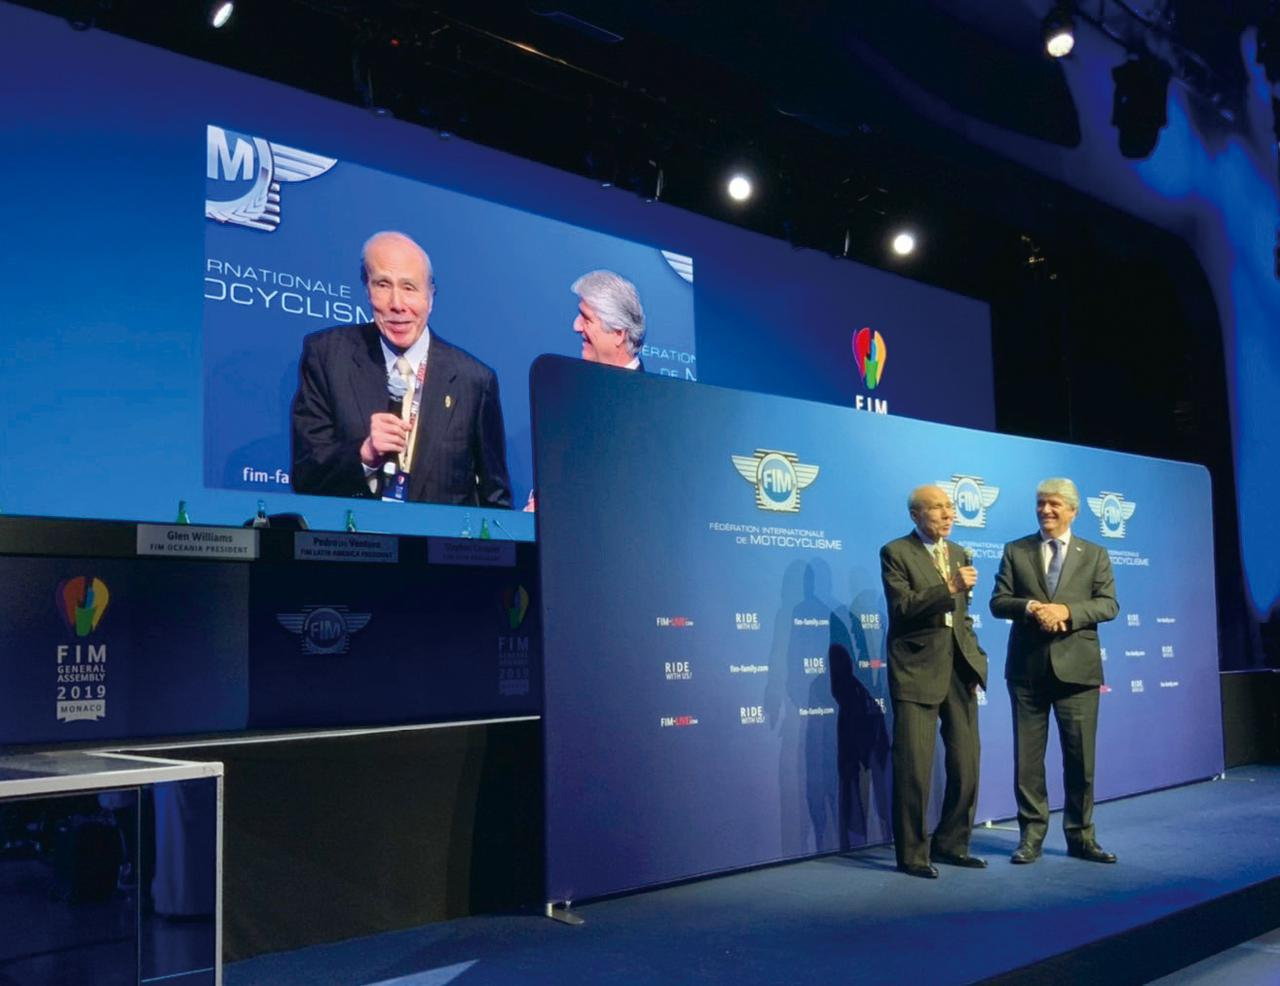 画像: FIM総会後の授賞式に出席した新井社長。「僕は授賞式なんて柄じゃないよ、って言ったんだけど、社員が行った方がいい、って言うからね」(新井社長)